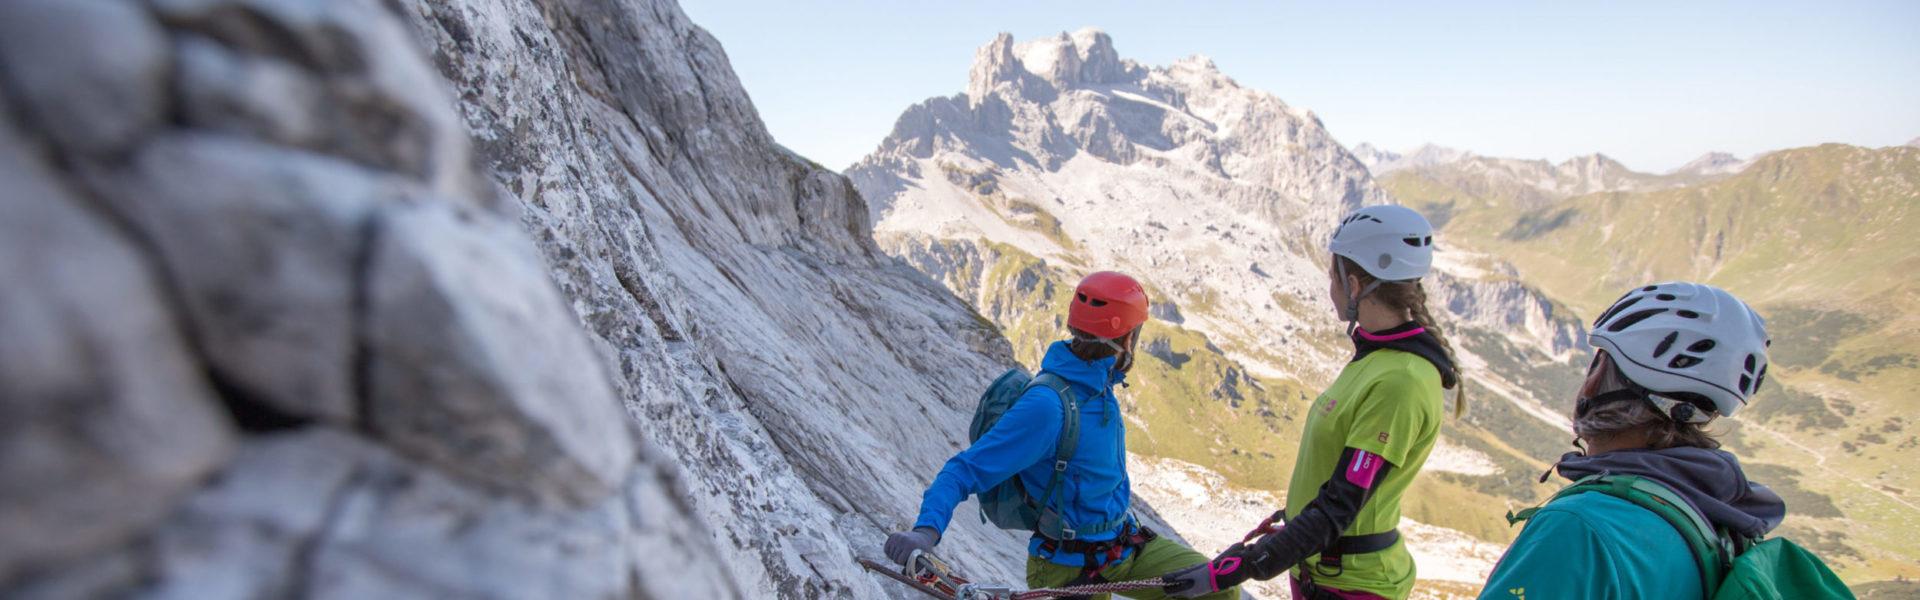 Klettersteig Gauablickhöhle © Stefan Kothner / Montafon Tourismus GmbH